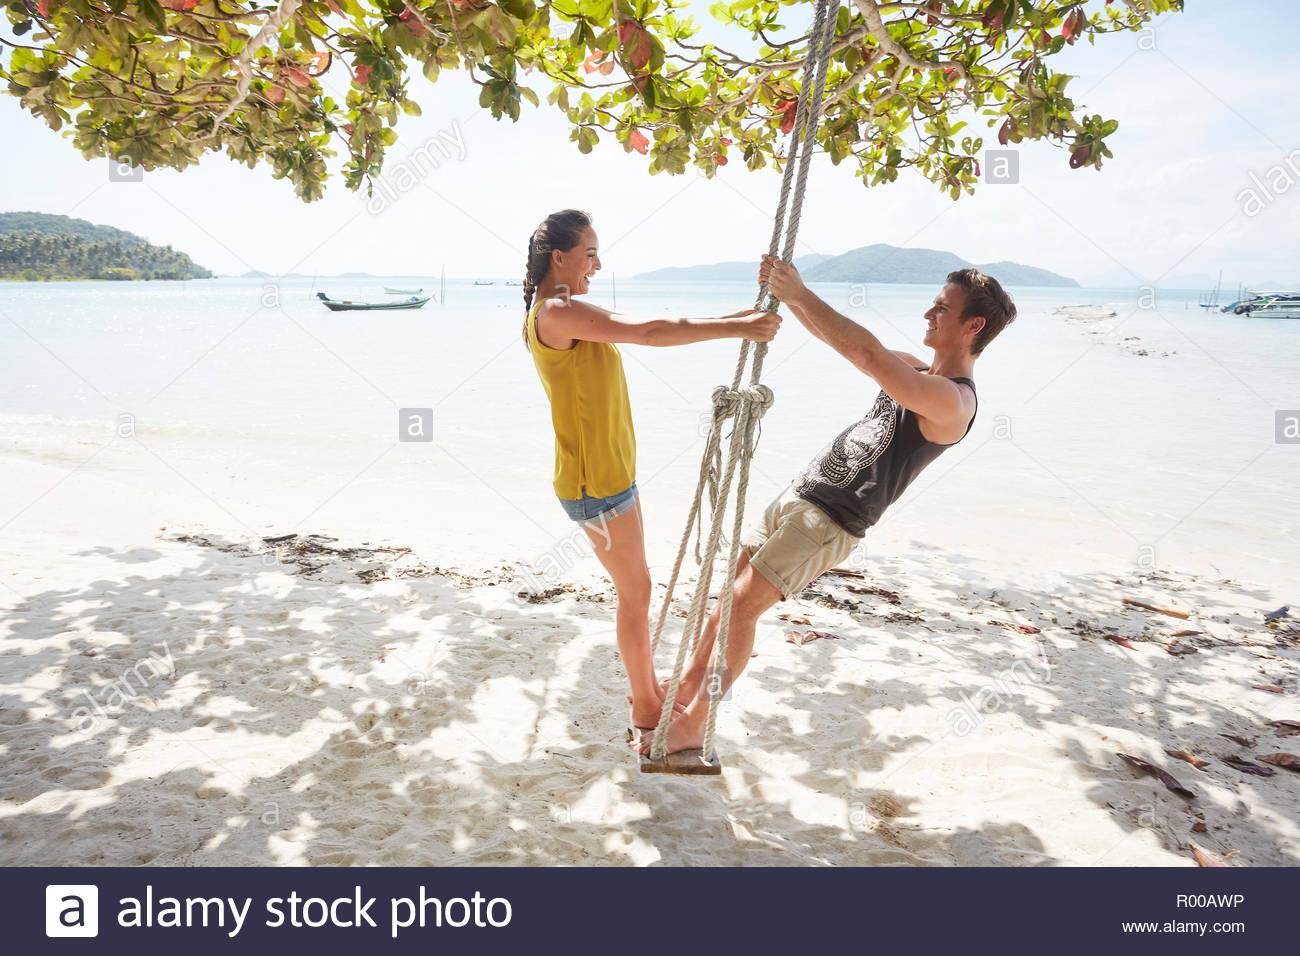 Junges Paar am Strand Schaukel Stockbild